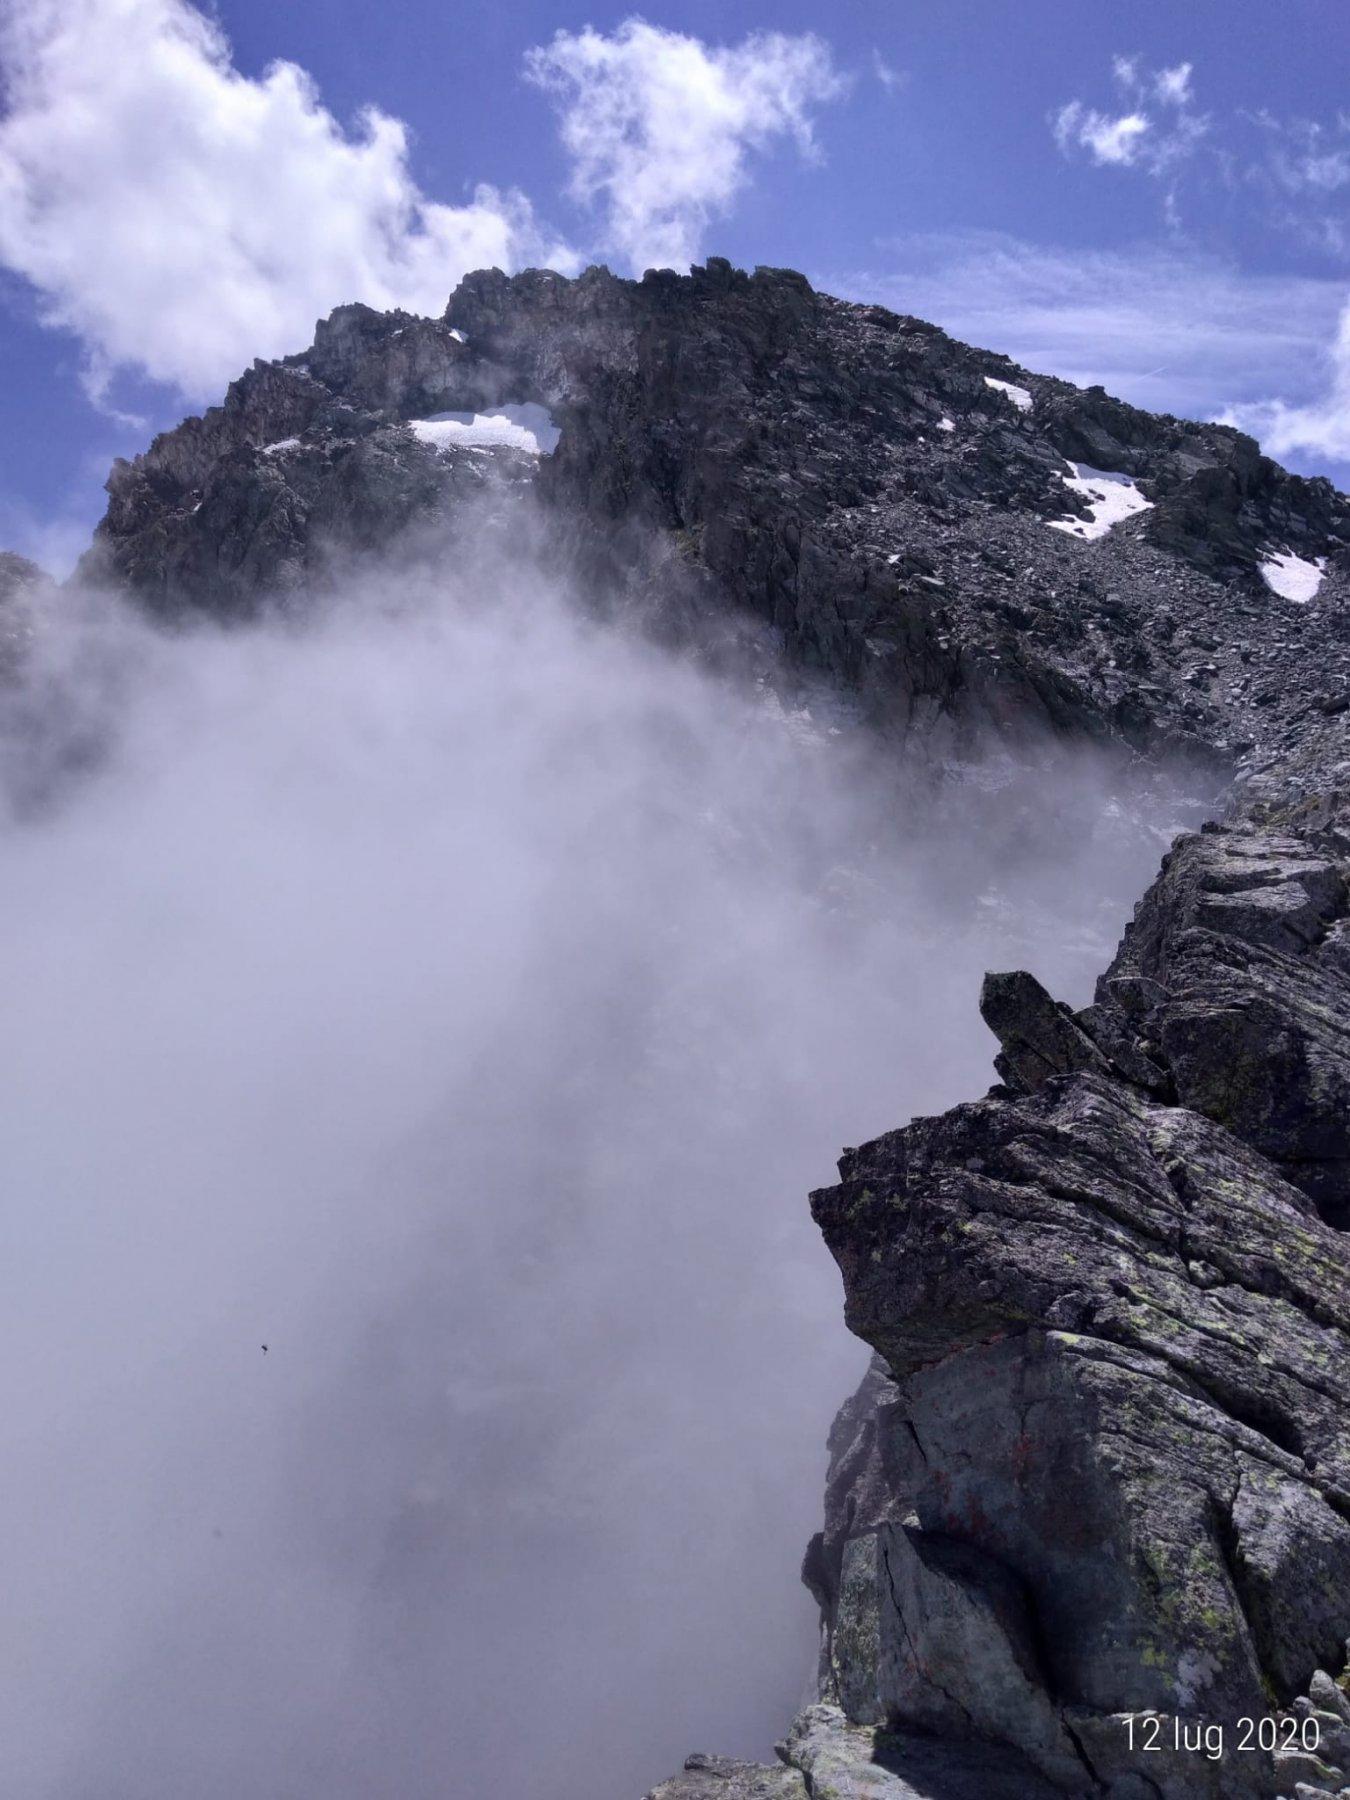 Colle delle Traversette, confine Italia Francia, nebbia in Italia.